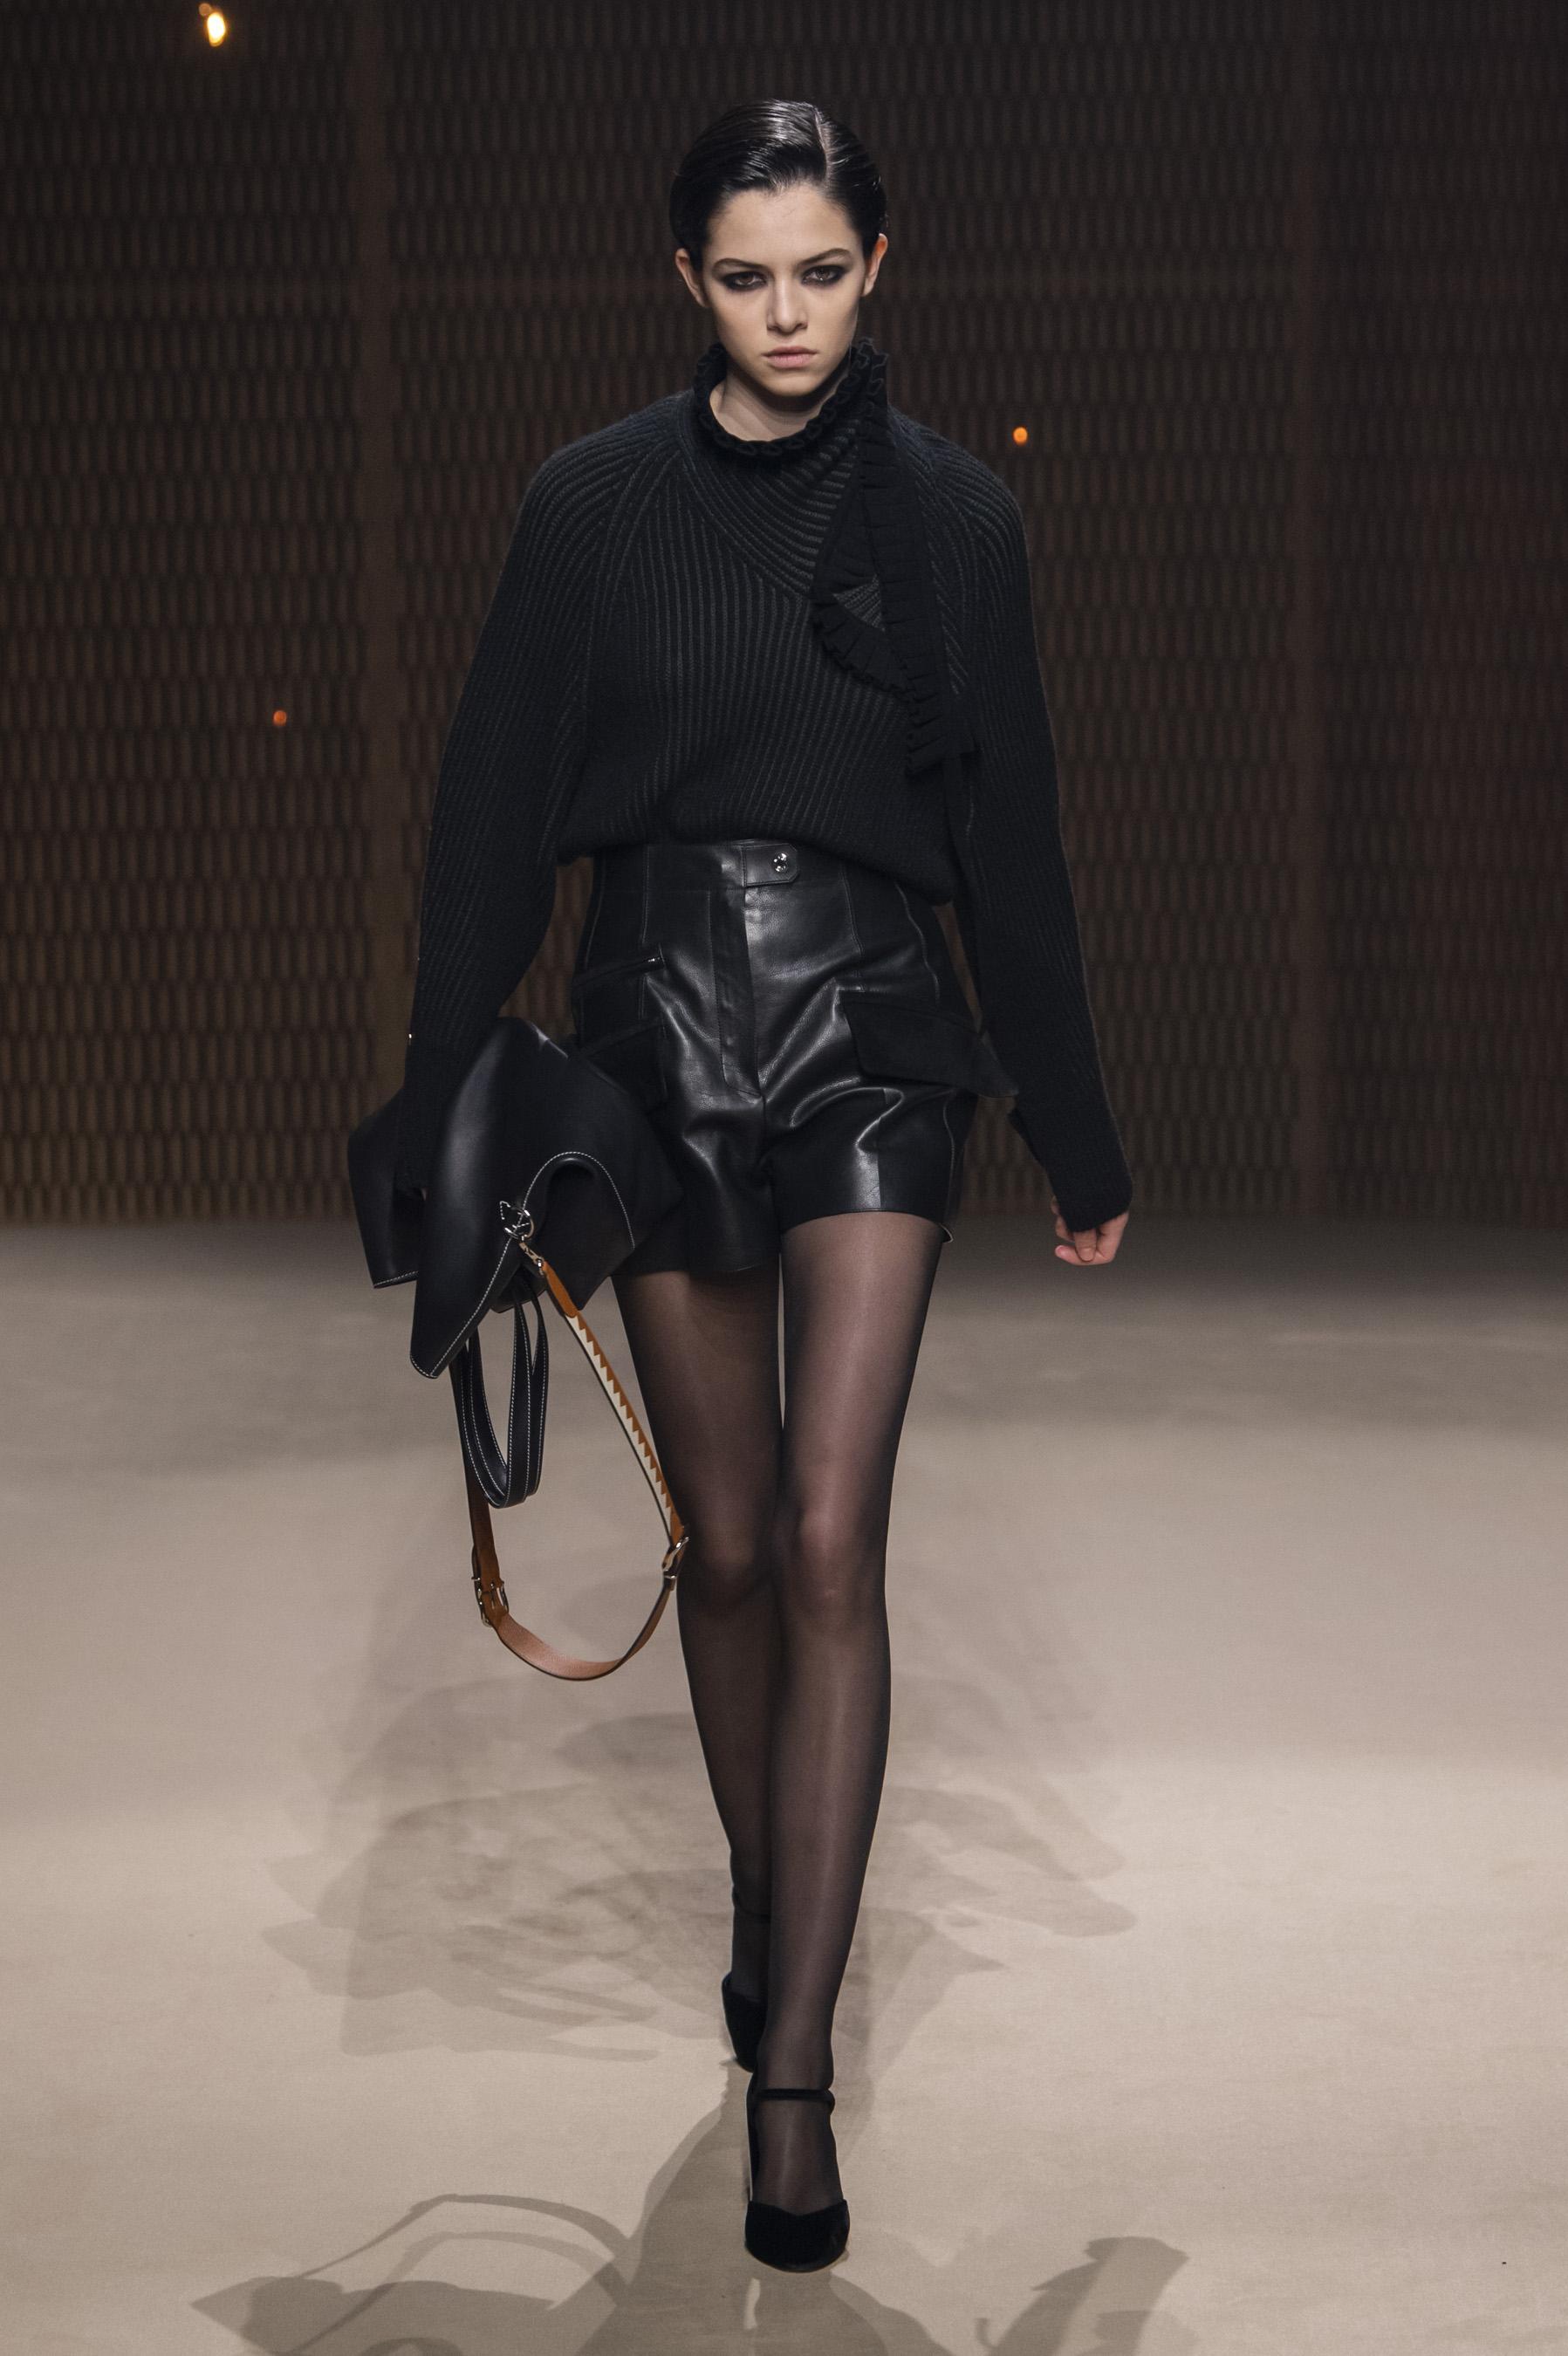 e16a84c408d Défilé Hermès automne-hiver 2019-2020 Prêt-à-porter - Madame Figaro